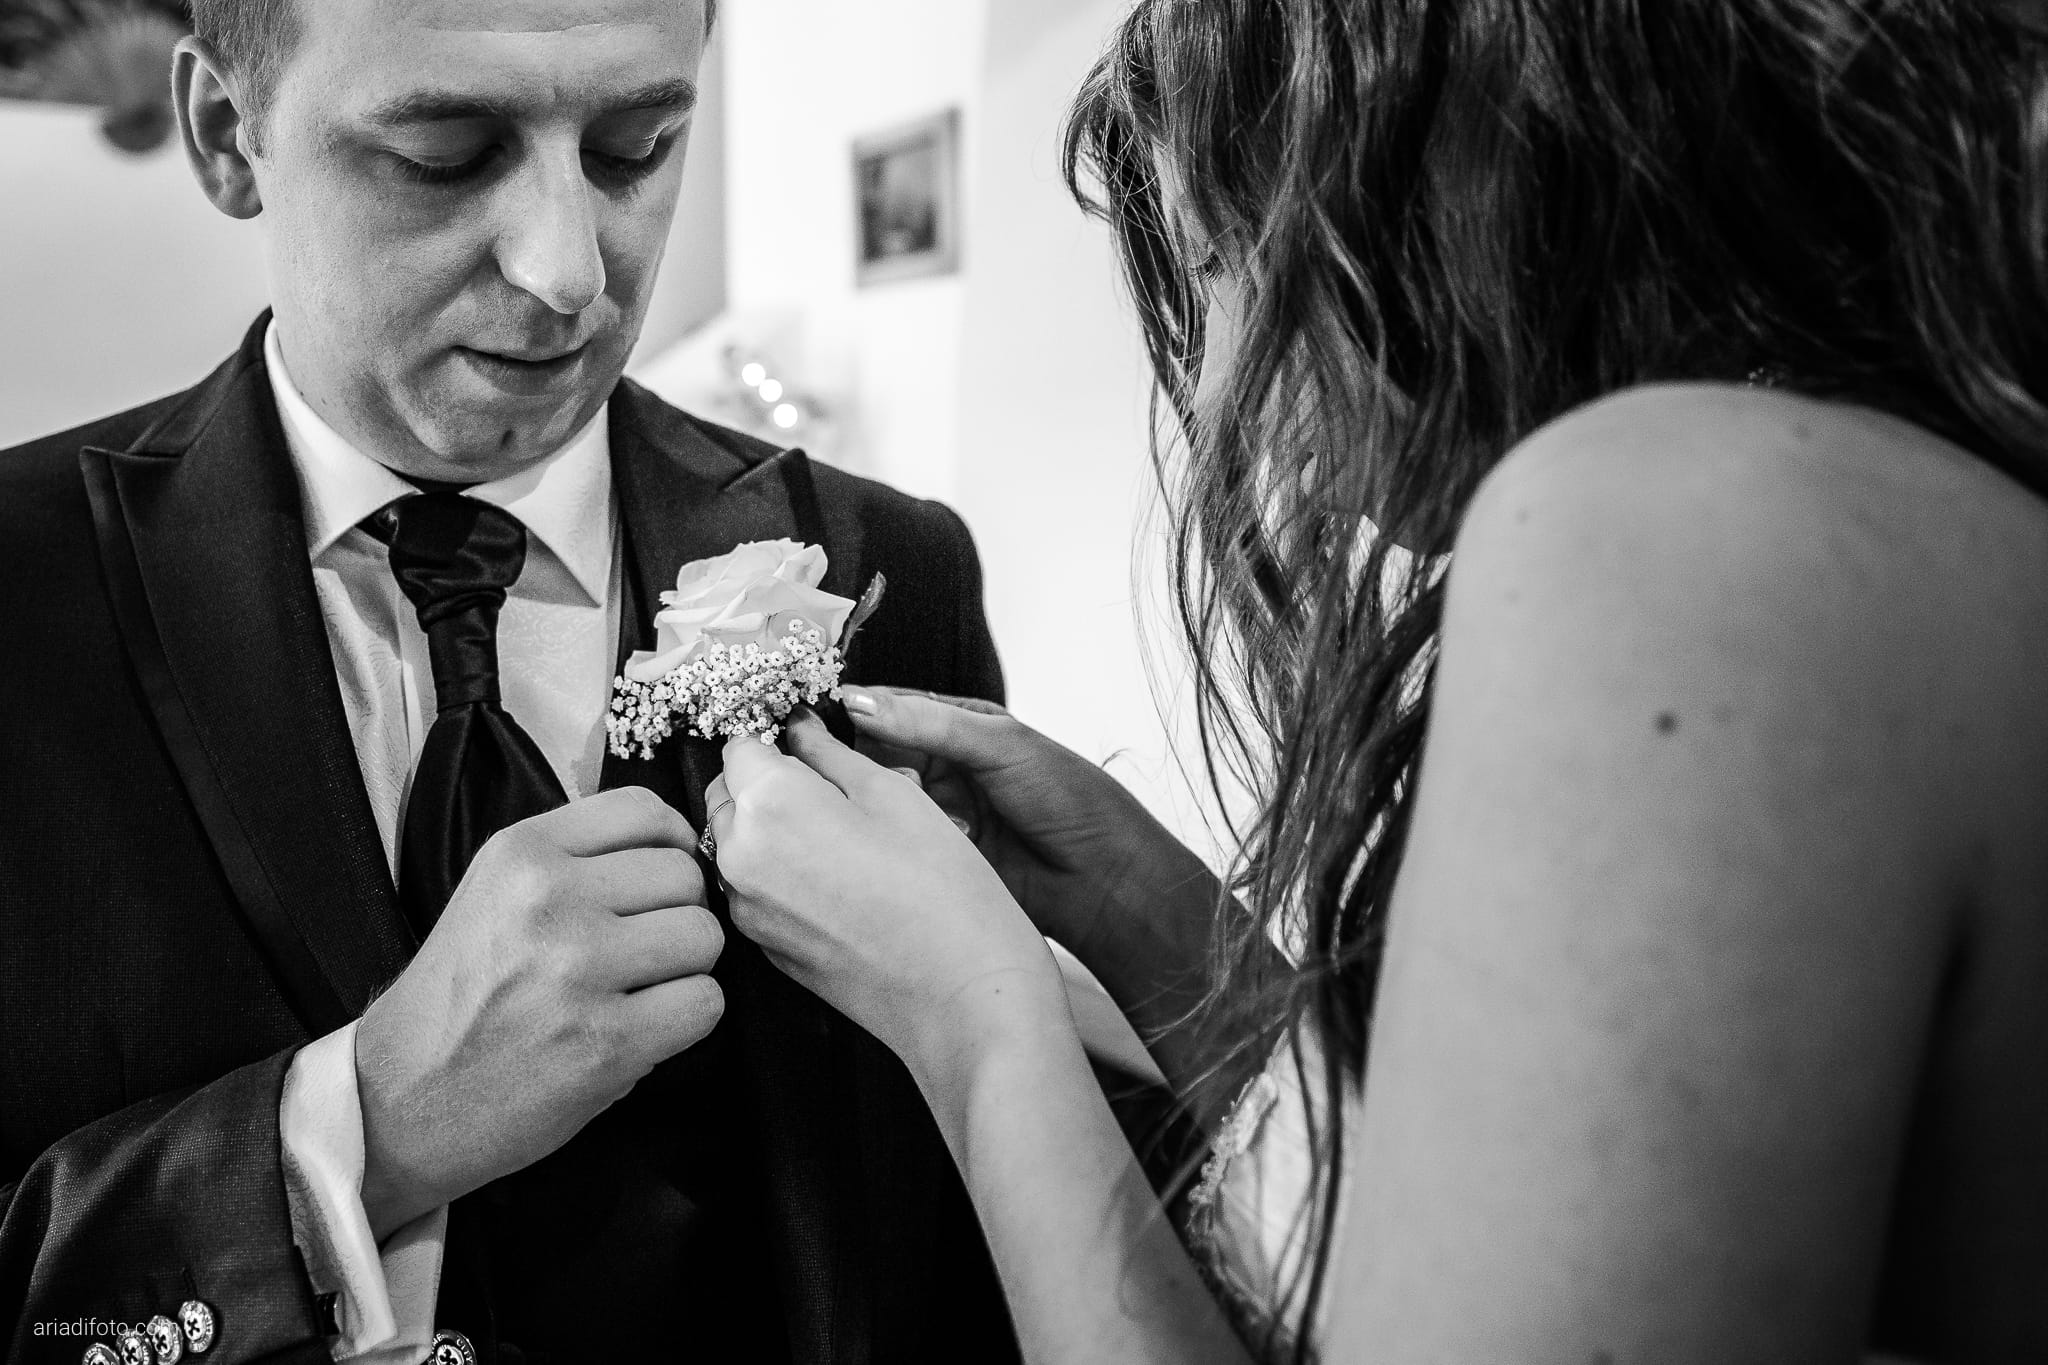 Chiara Mensur matrimonio Pradamano Baronesse Tacco San Floriano del Collio Gorizia preparativi fiore occhiello boutonniere